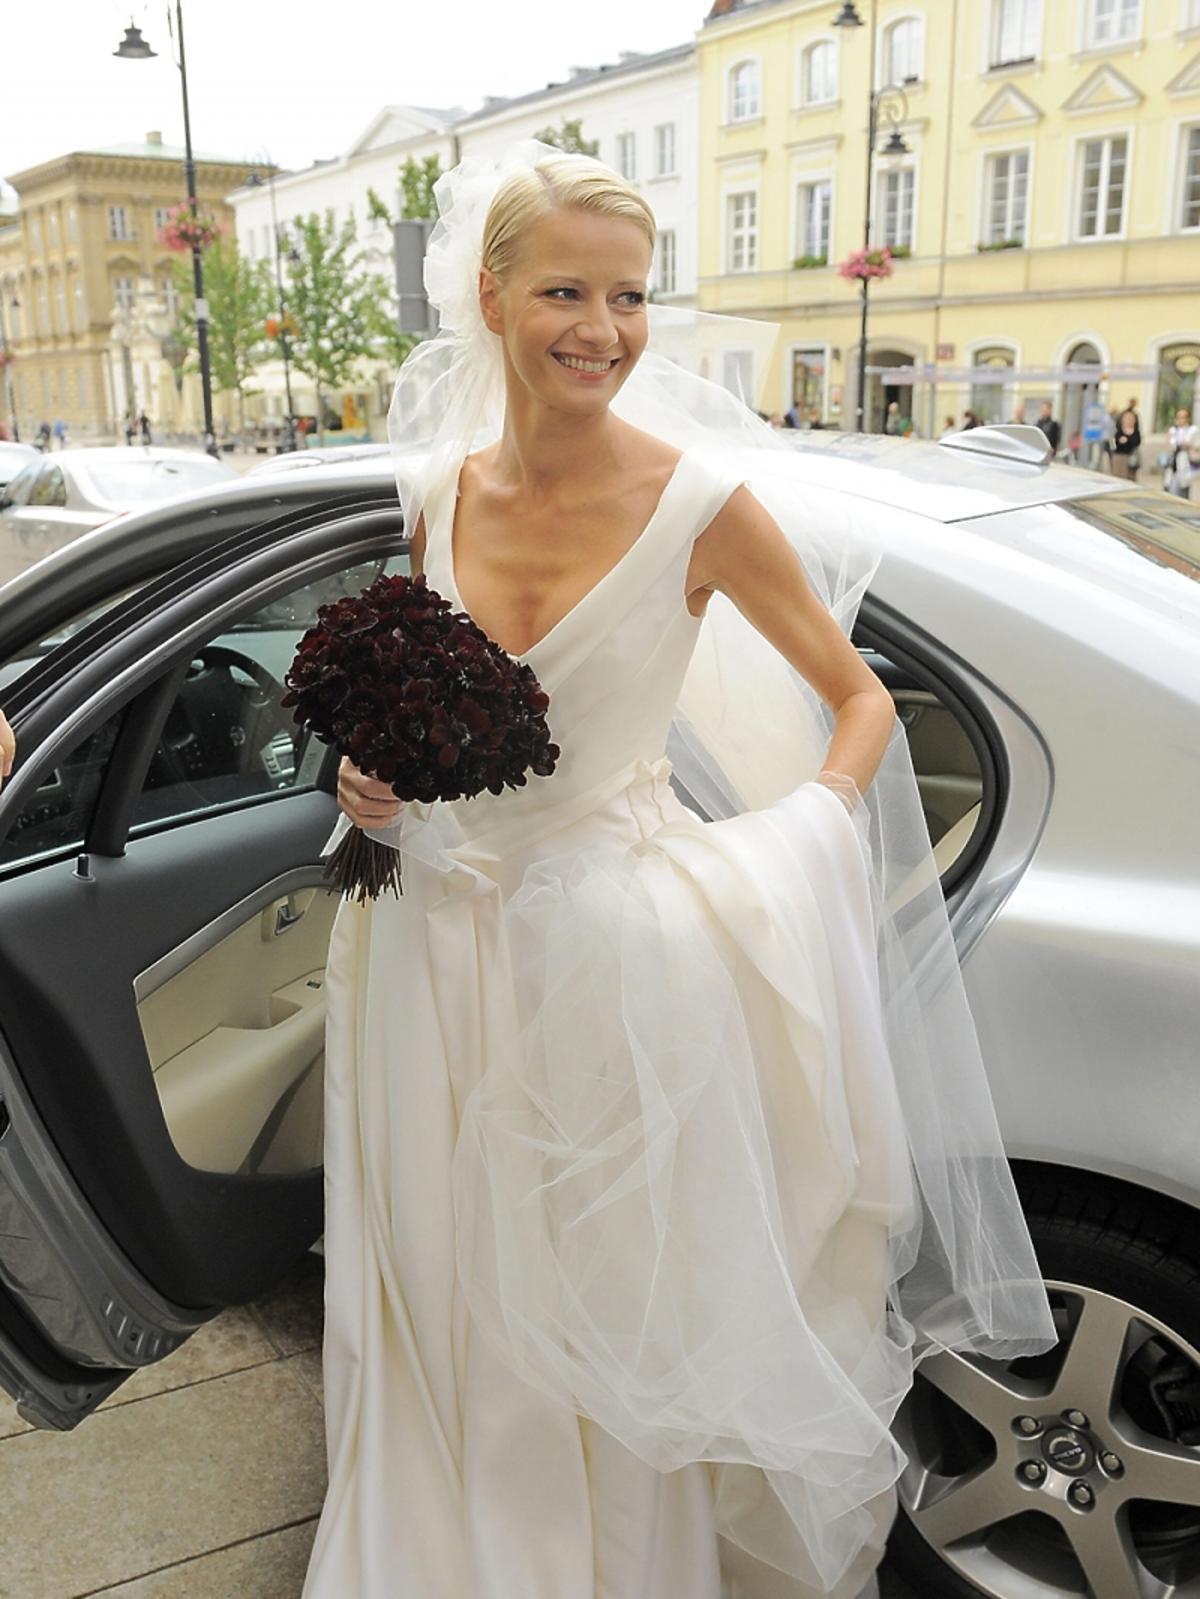 Małgorzata Kożuchowska w sukni ślunej z welonem i bukietem kwiatów